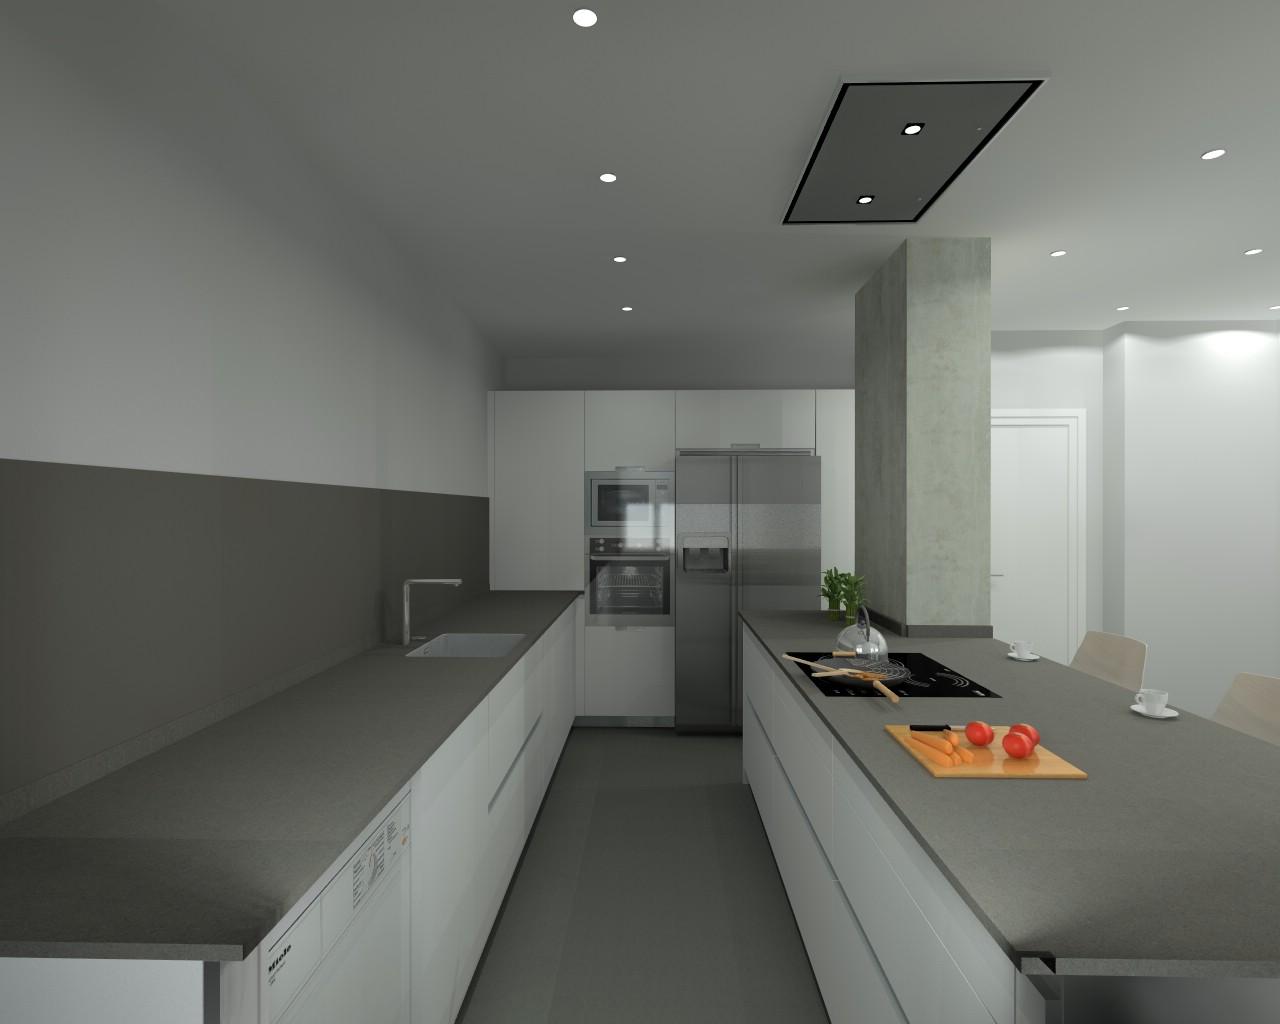 Proyecto de cocina santos en madrid modelo line l con for Proyecto cocina